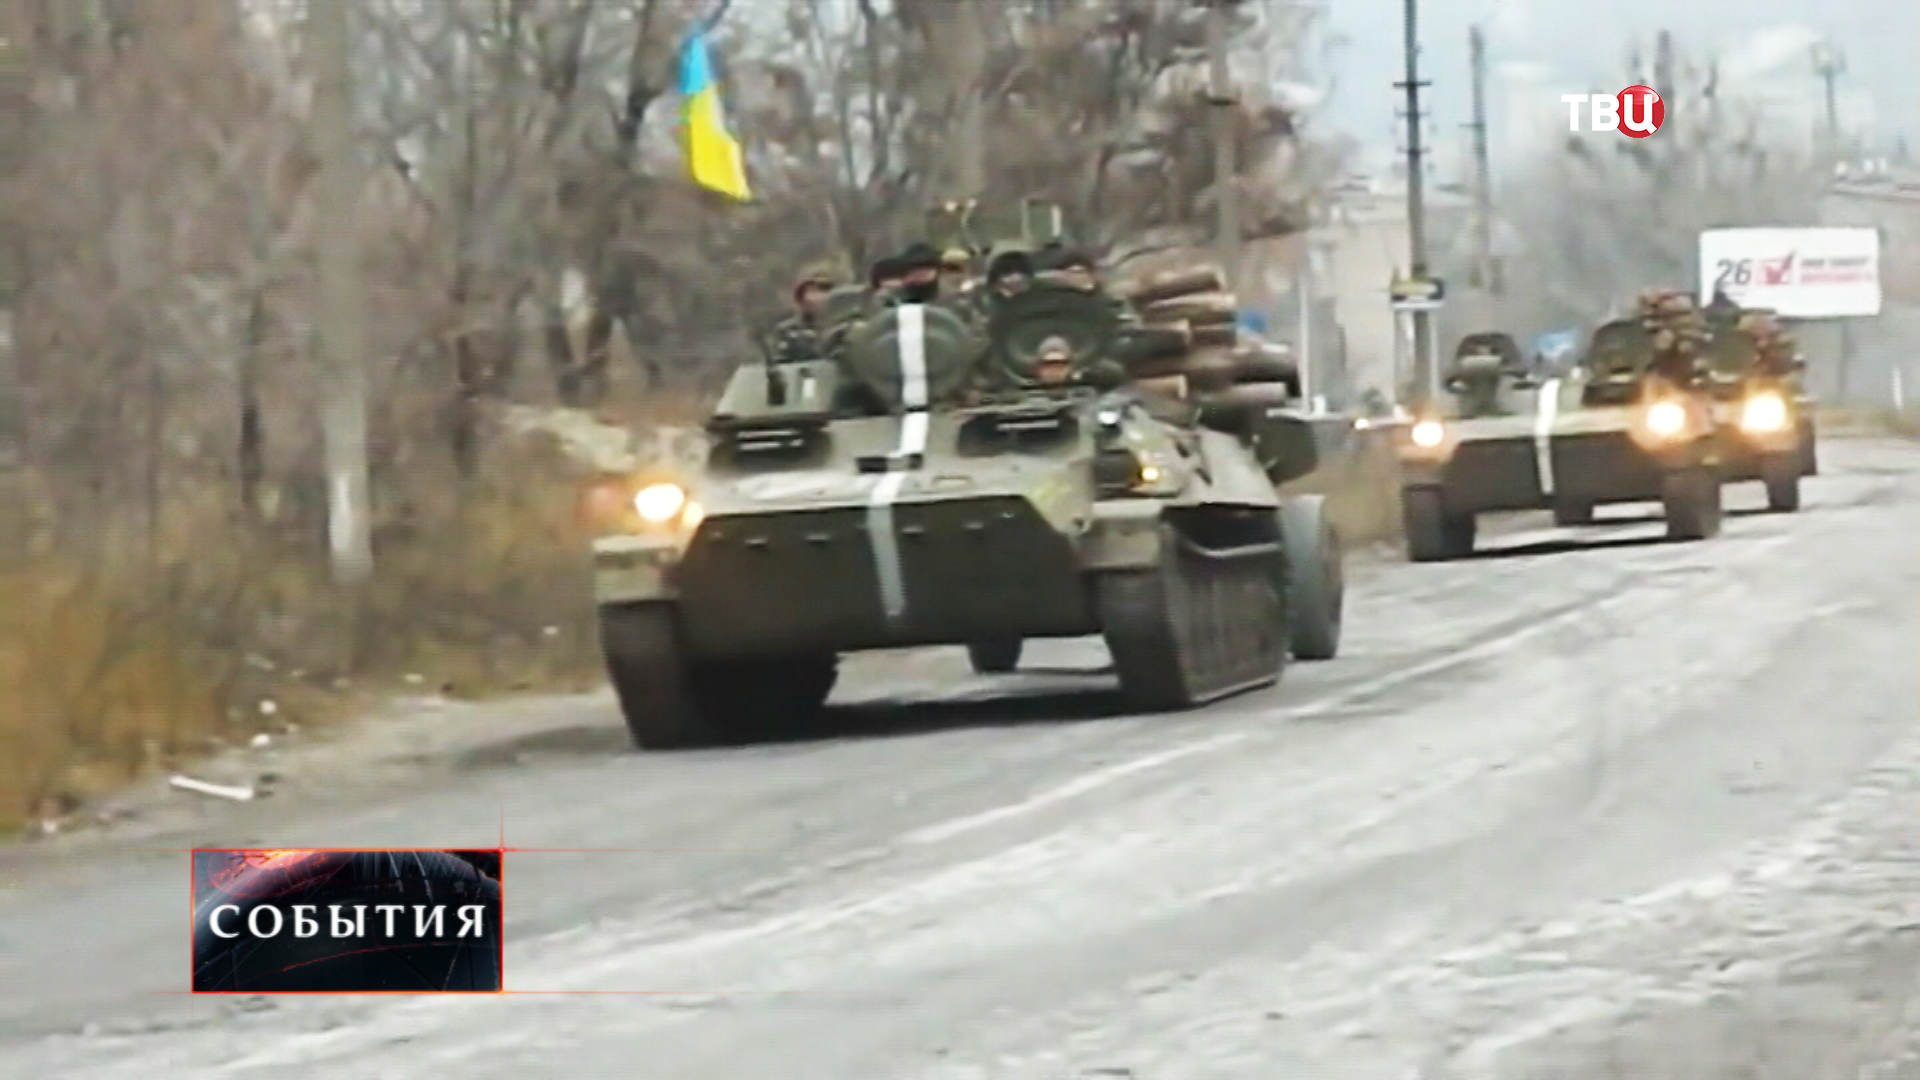 Передвижение украинской бронетехники